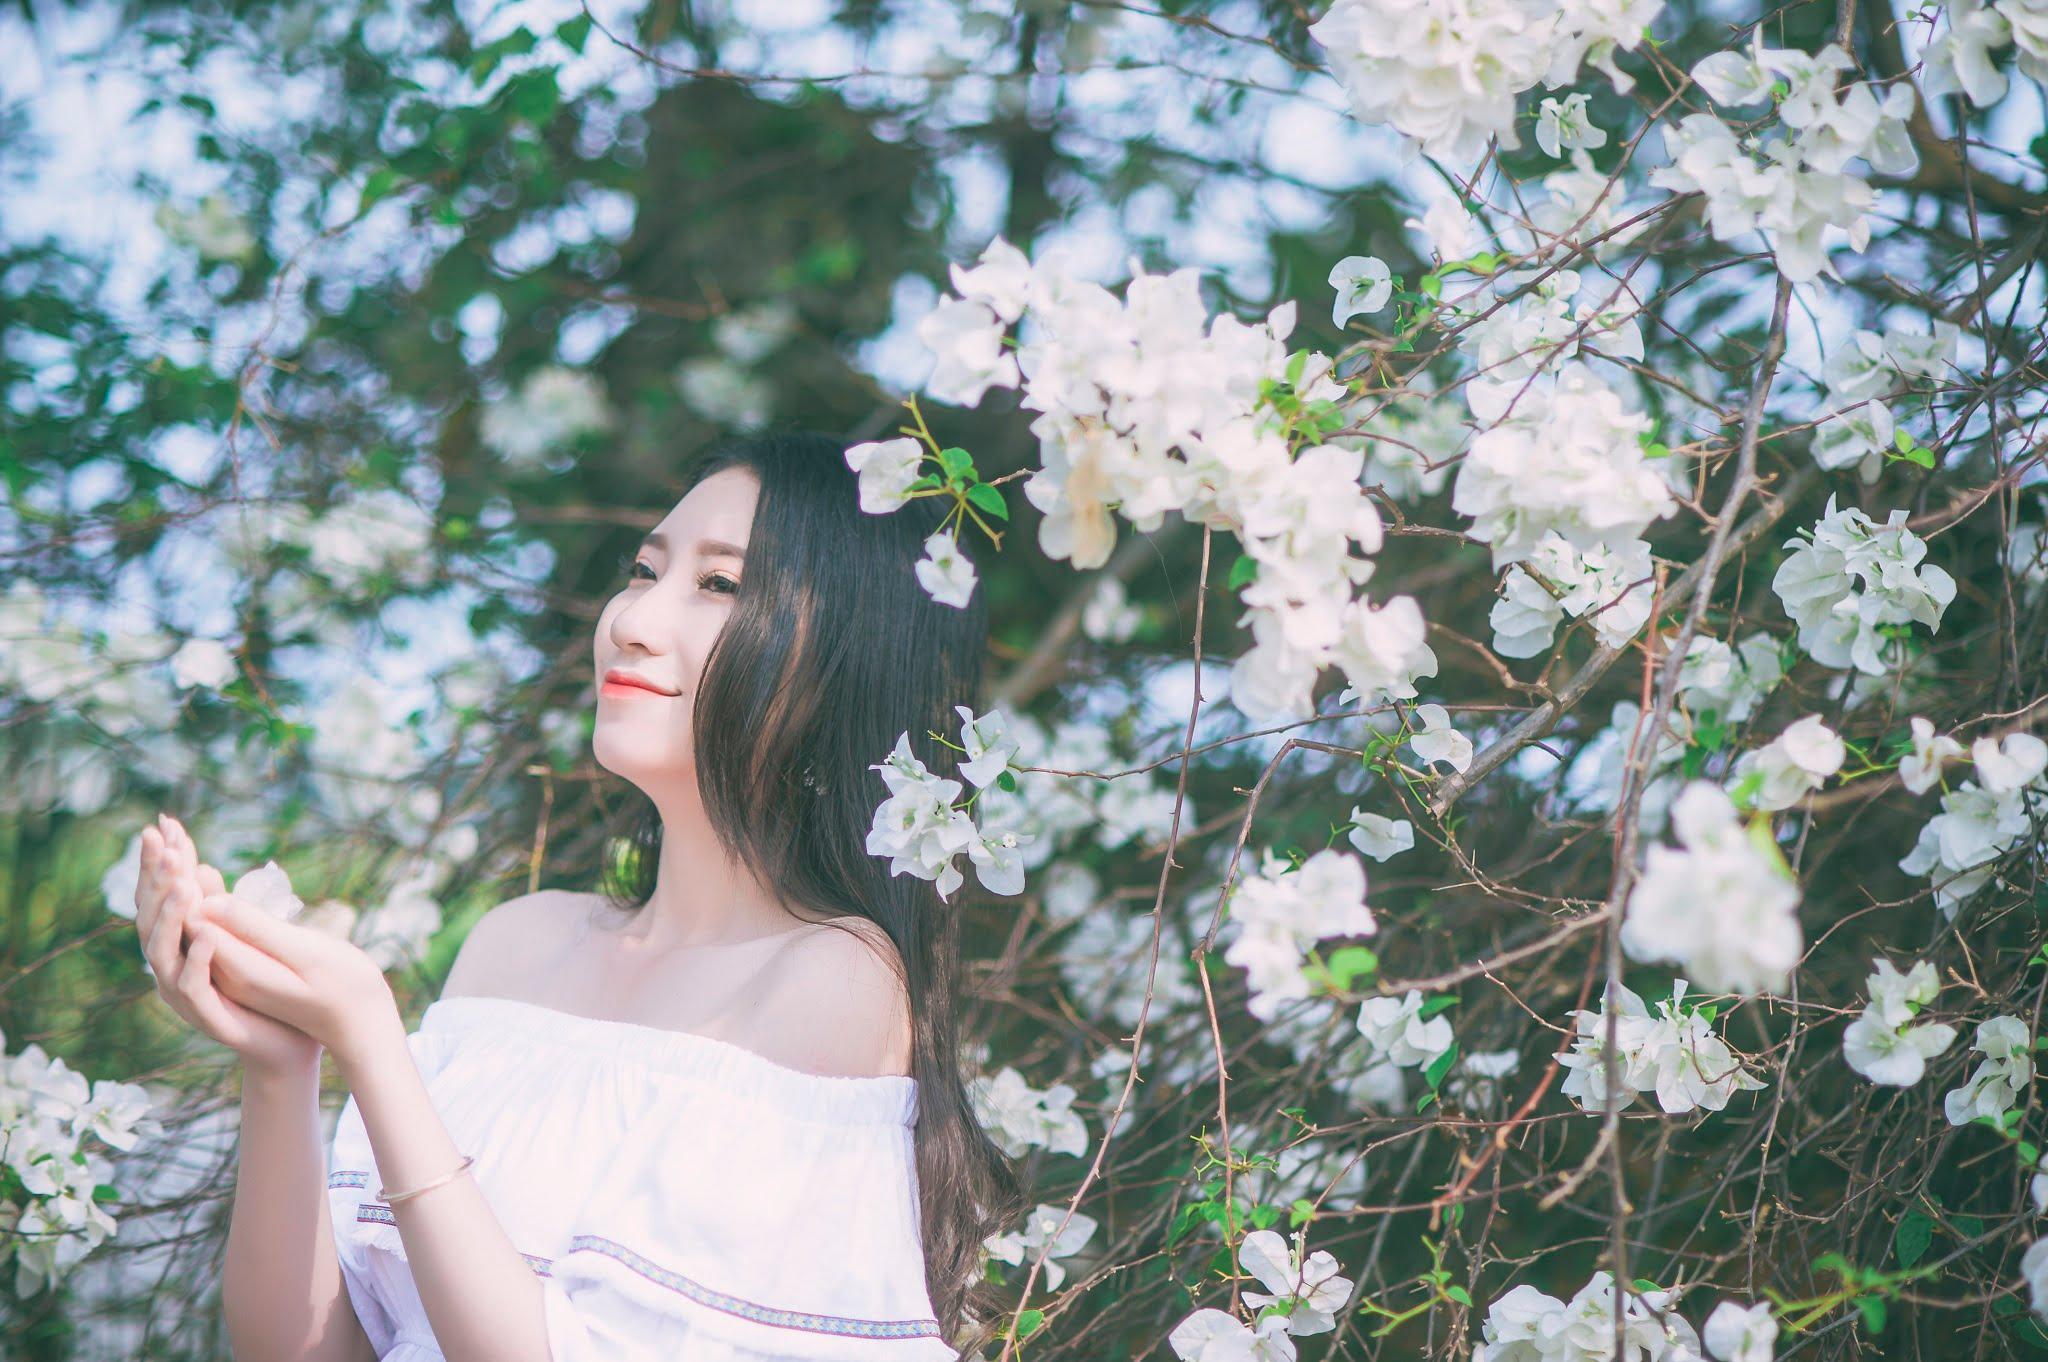 anh chup hoa giay 8 - Ảnh chụp với hoa giấy quận 2 - Huỳnh Như